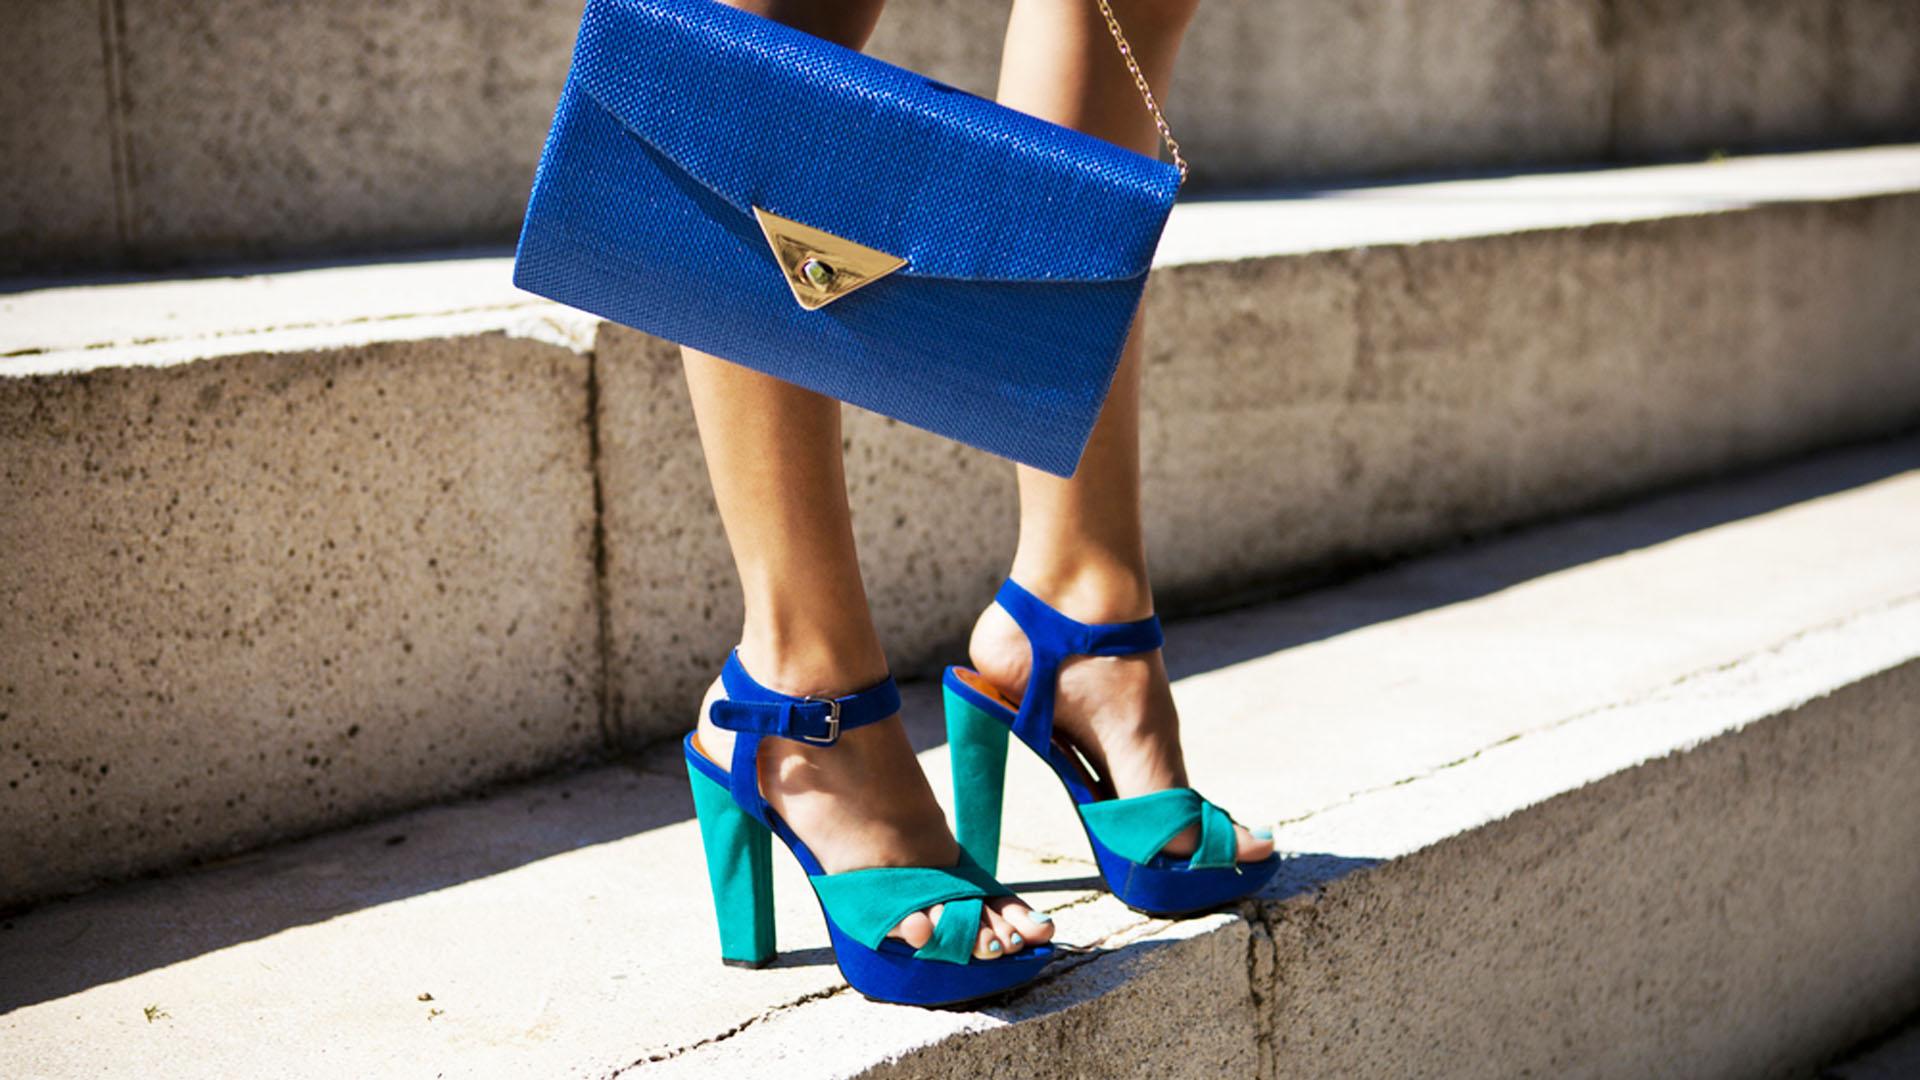 Te buty są hitem wśród gwiazd. Kupisz je za mniej niż 100zł!